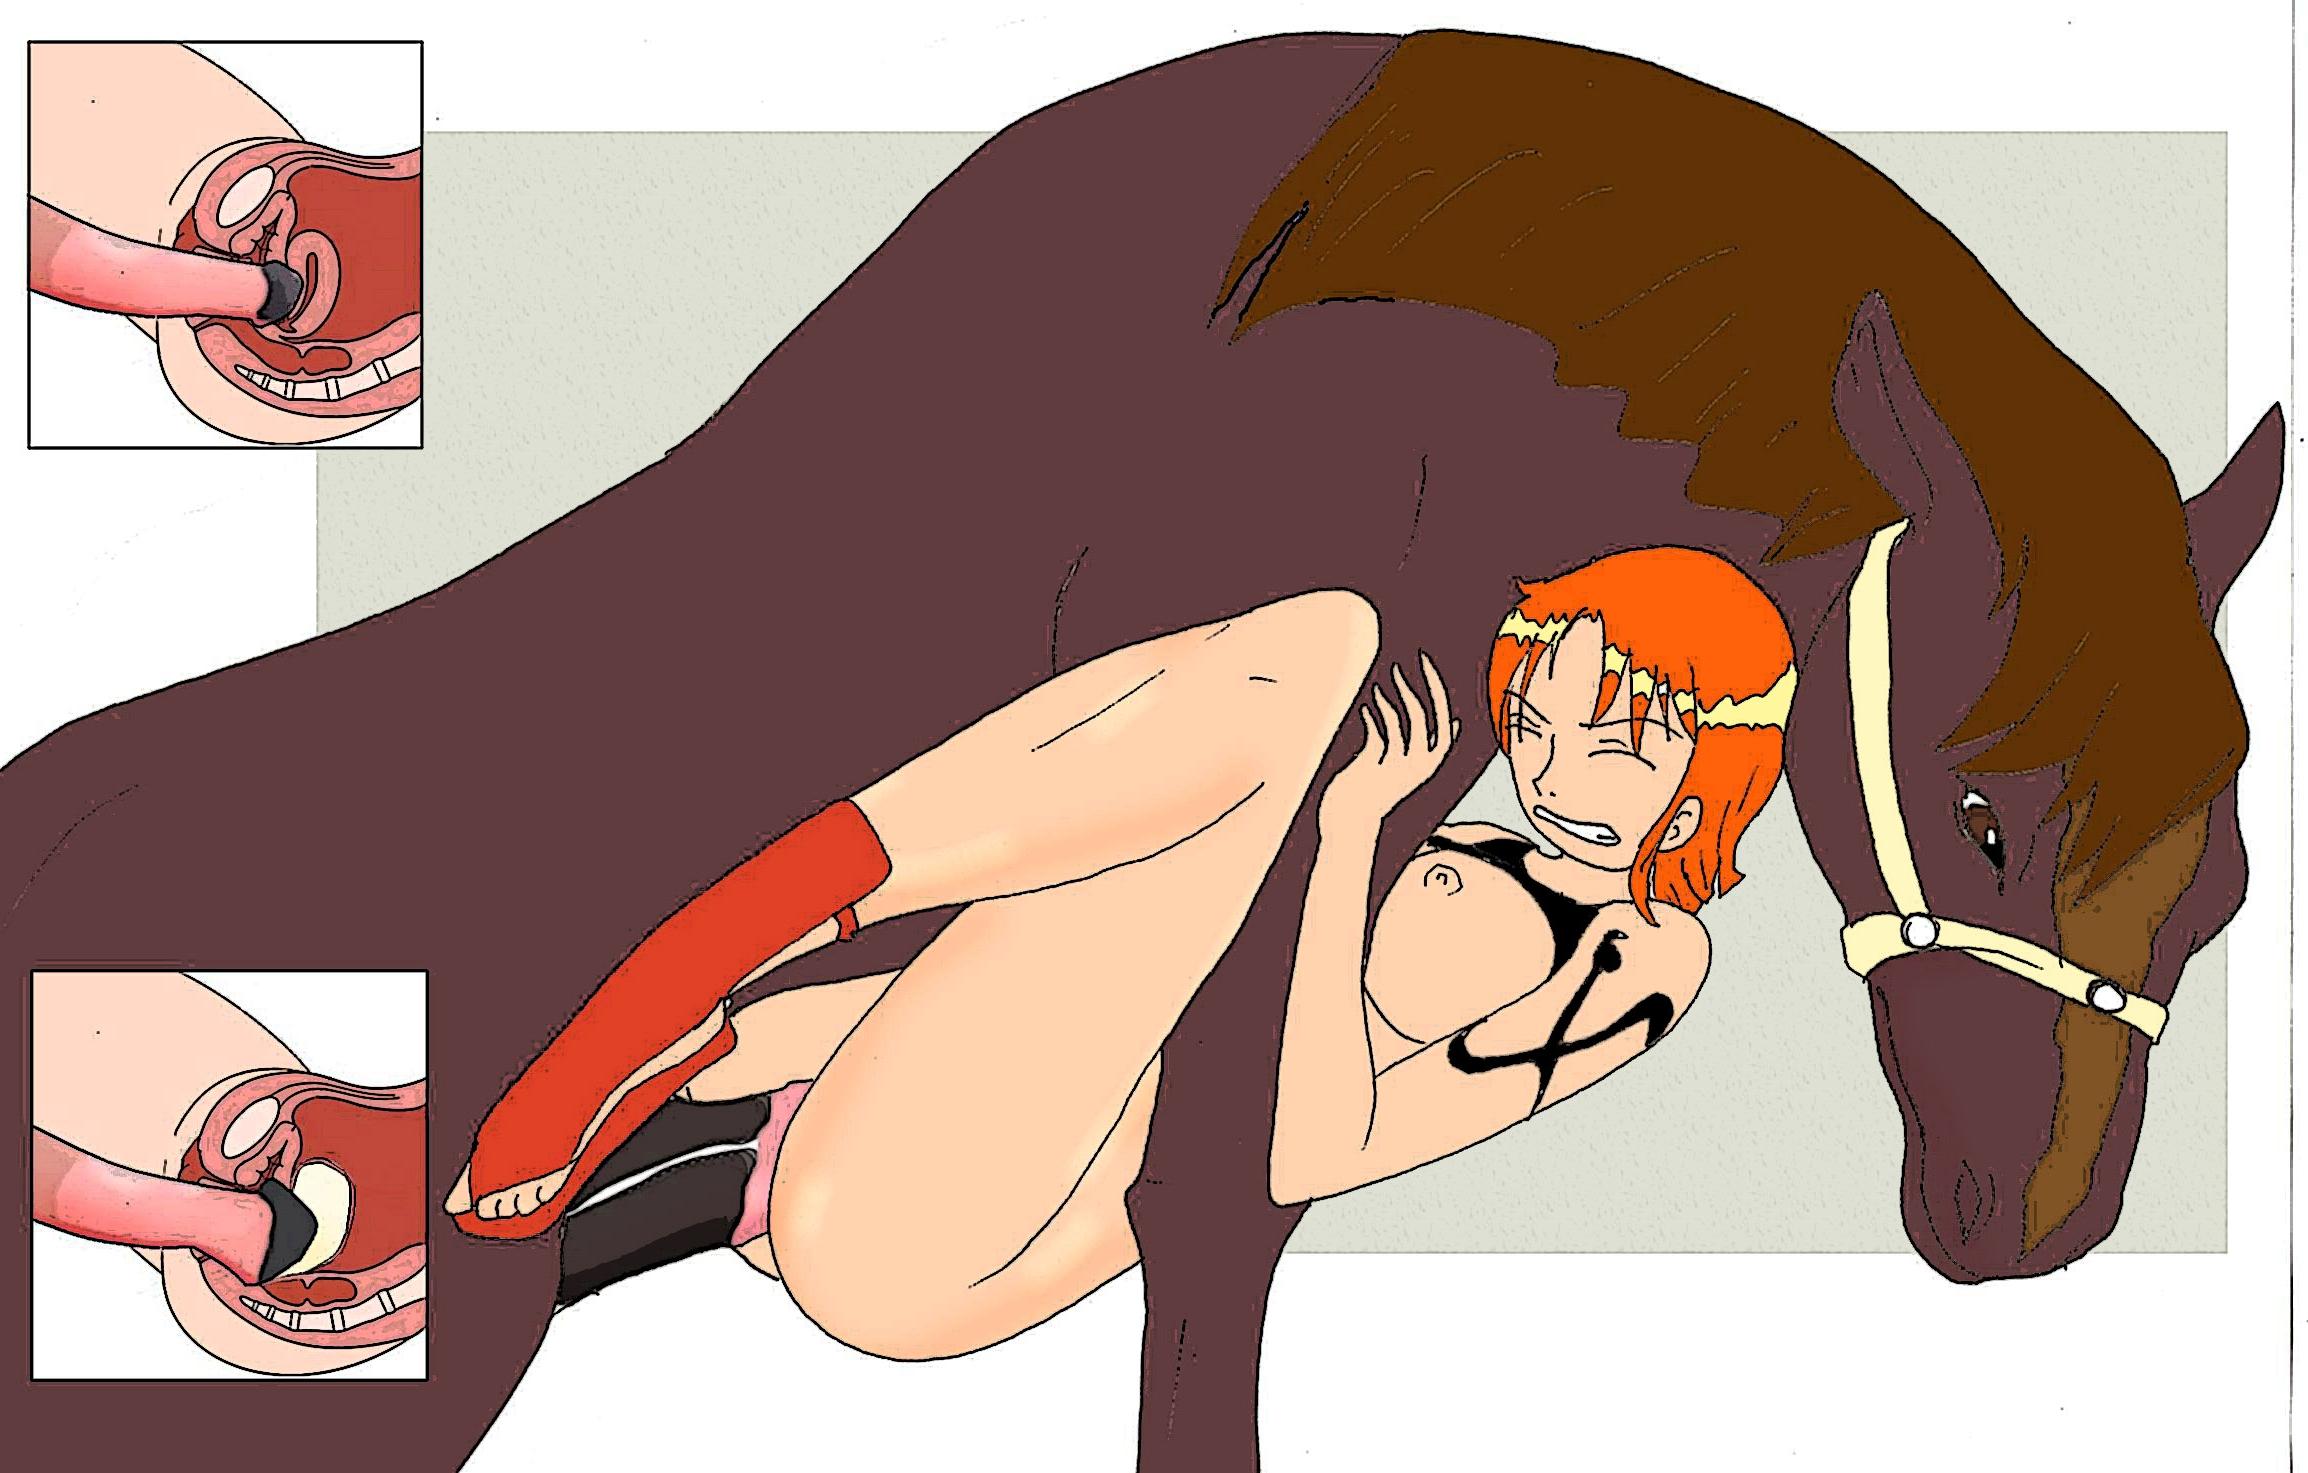 Toon sex pic ##000130411632 zoofilia nami one piece zoofilia